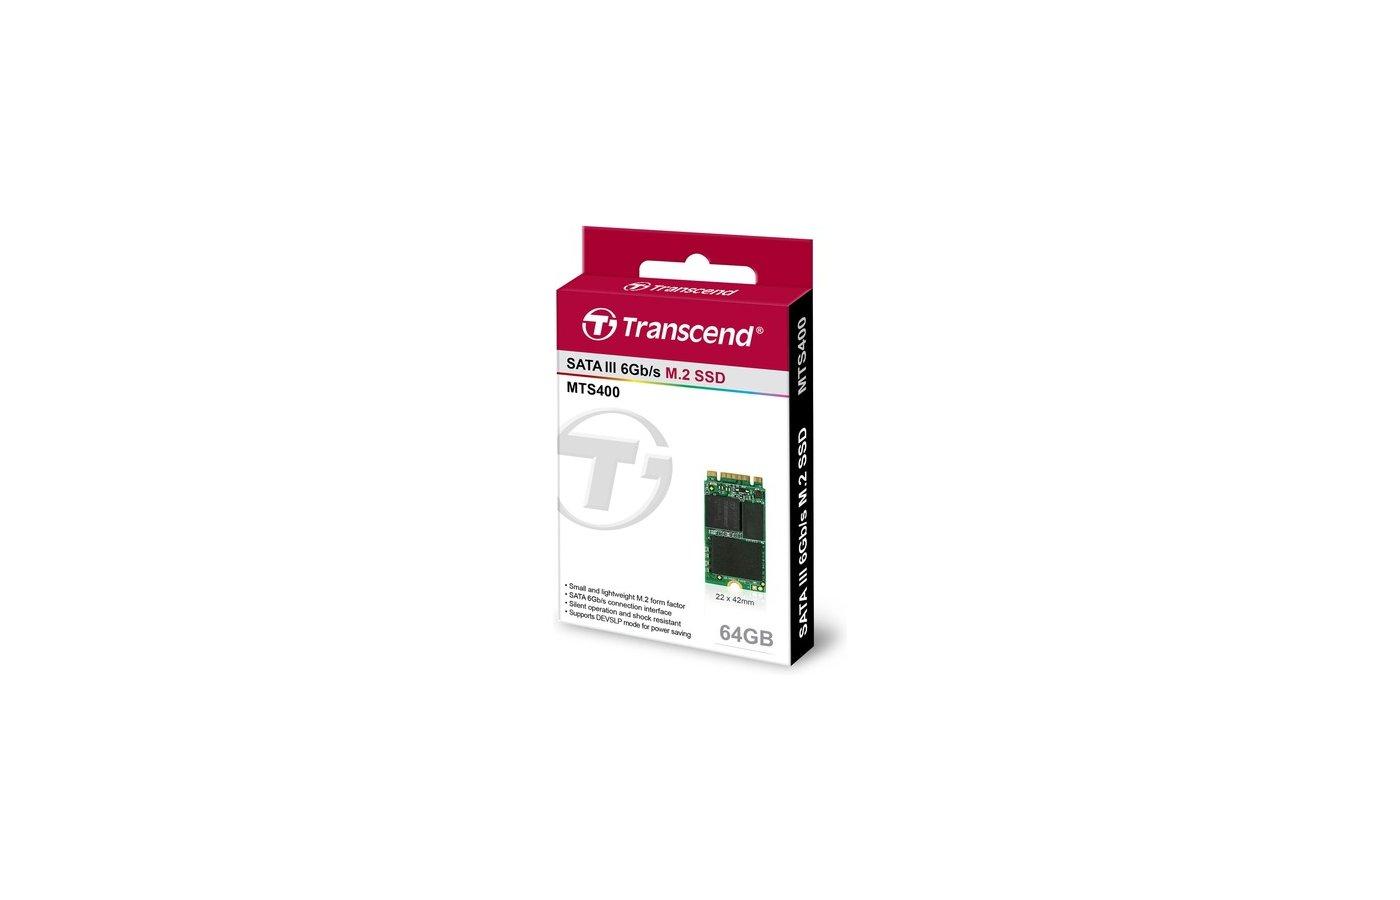 SSD жесткий диск Transcend 64GB M.2 SSD MTS 400 series (22x42mm) TS64GMTS400